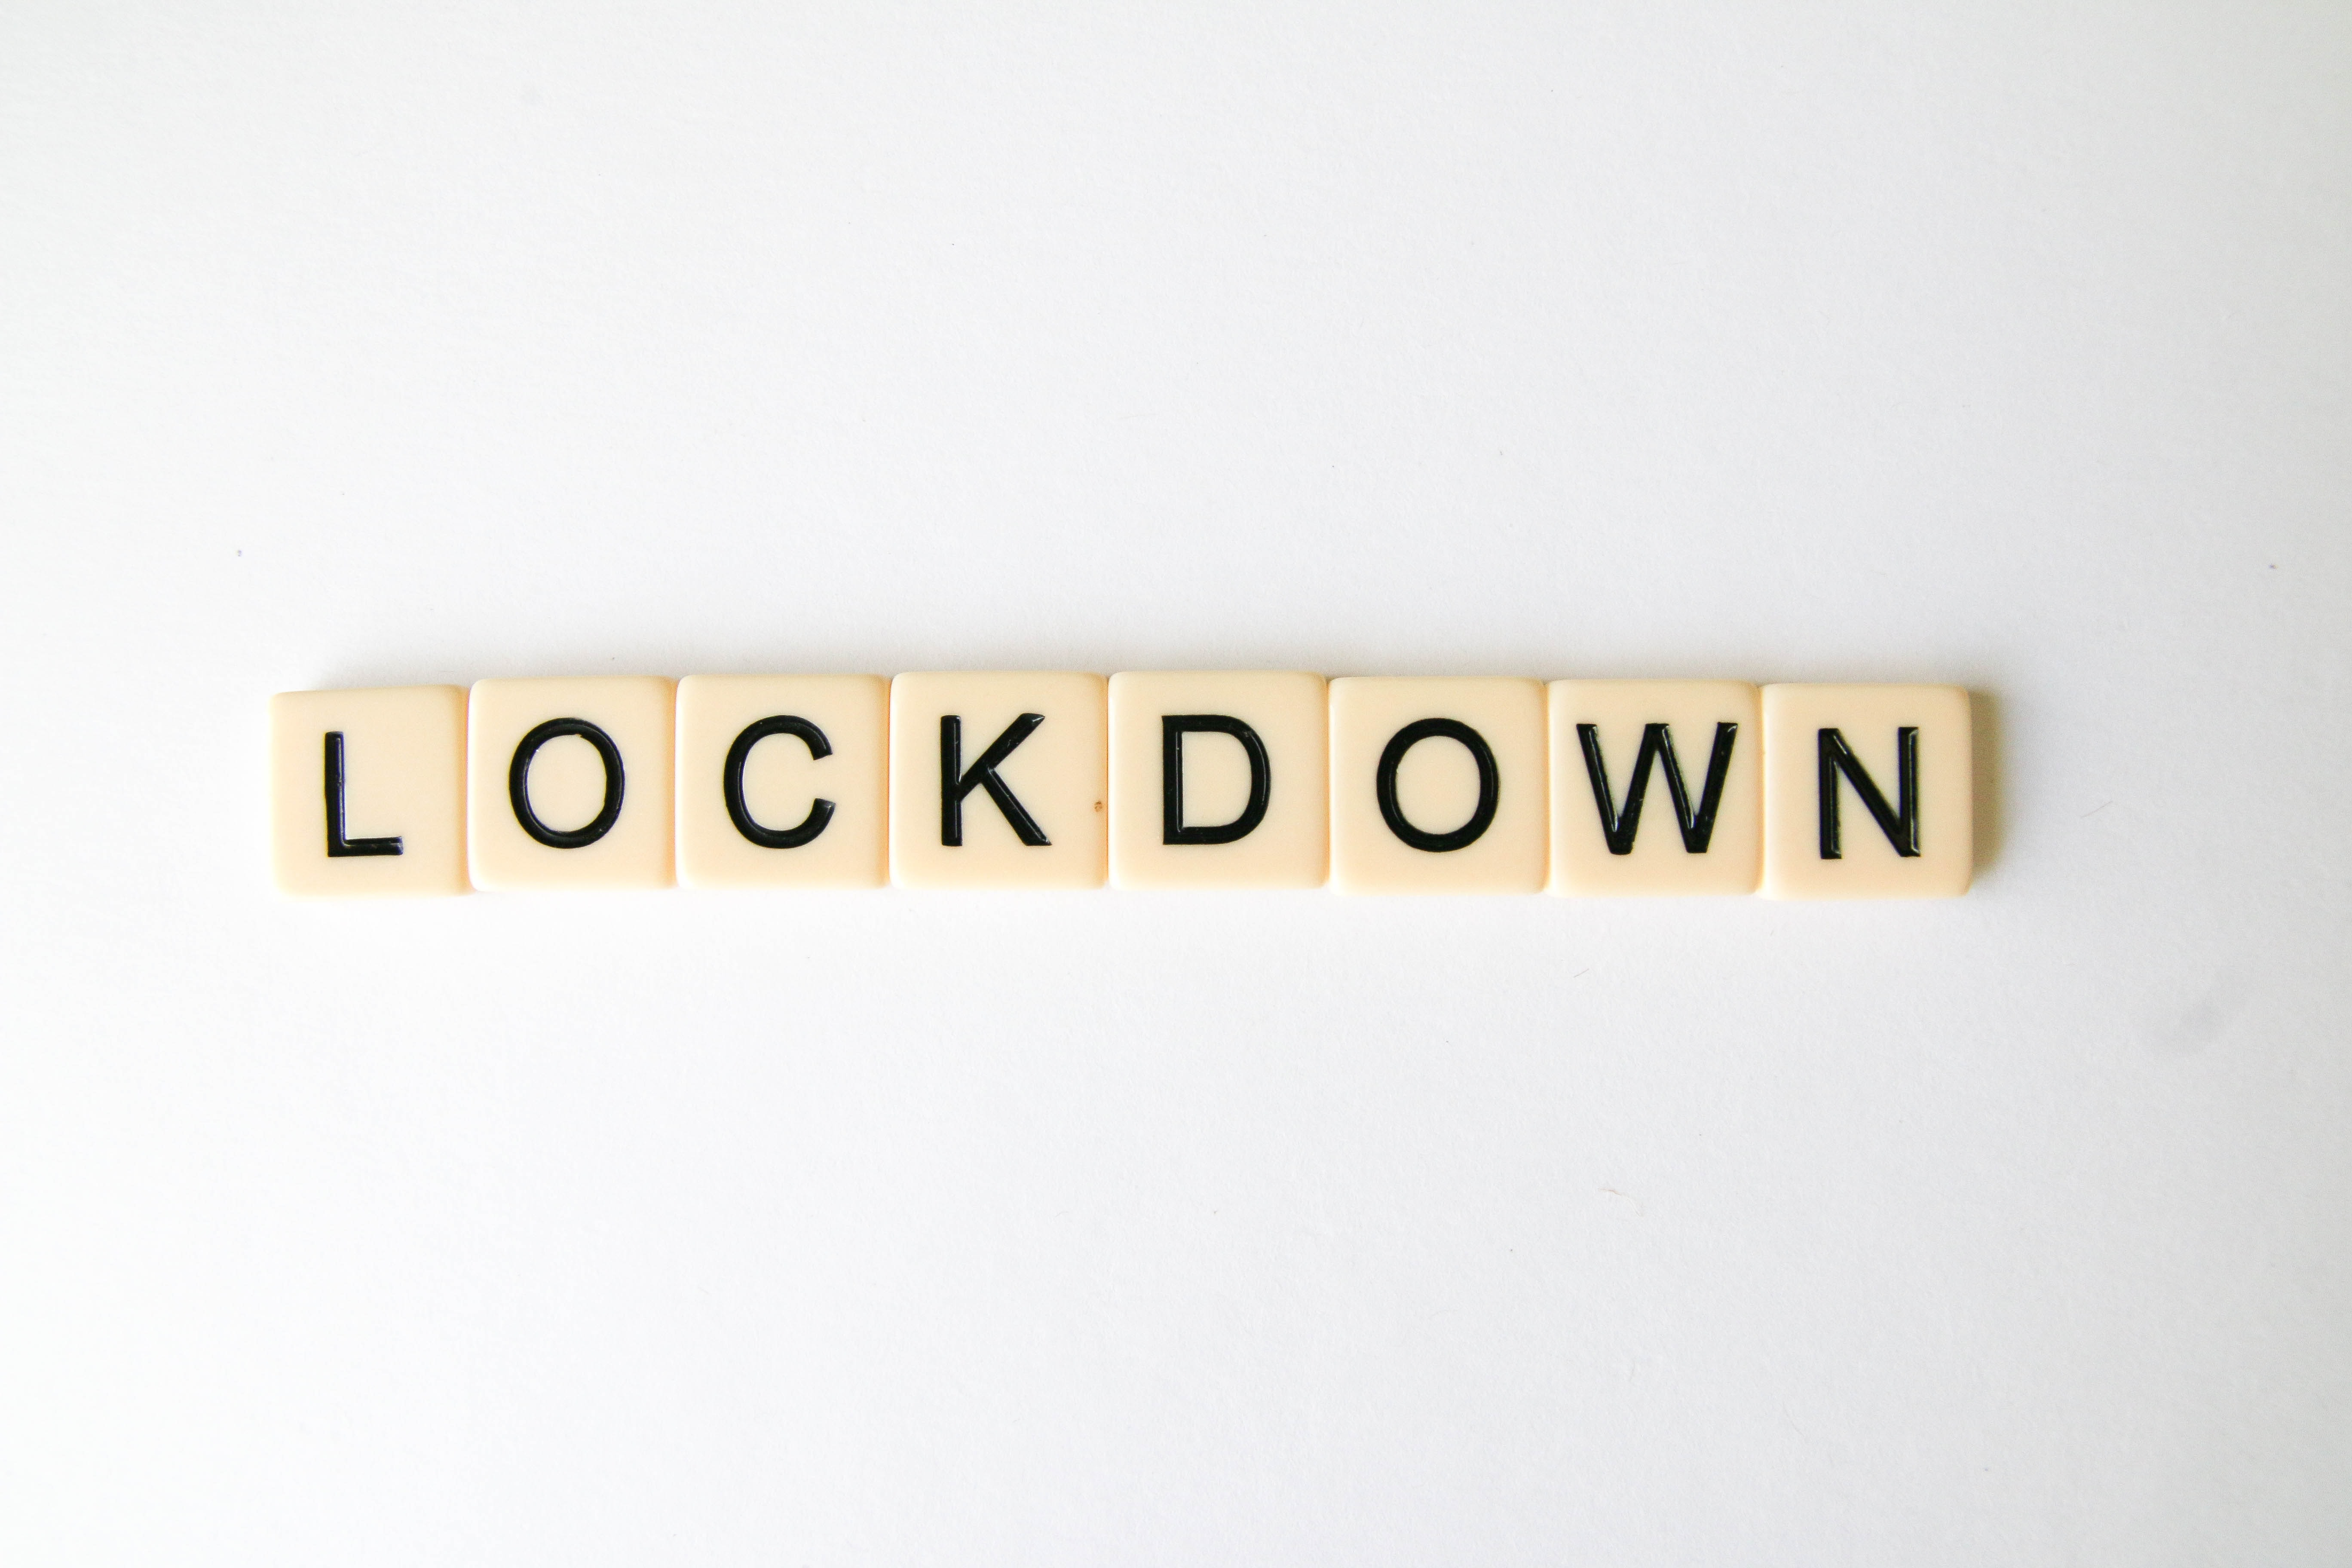 Lockdown Image